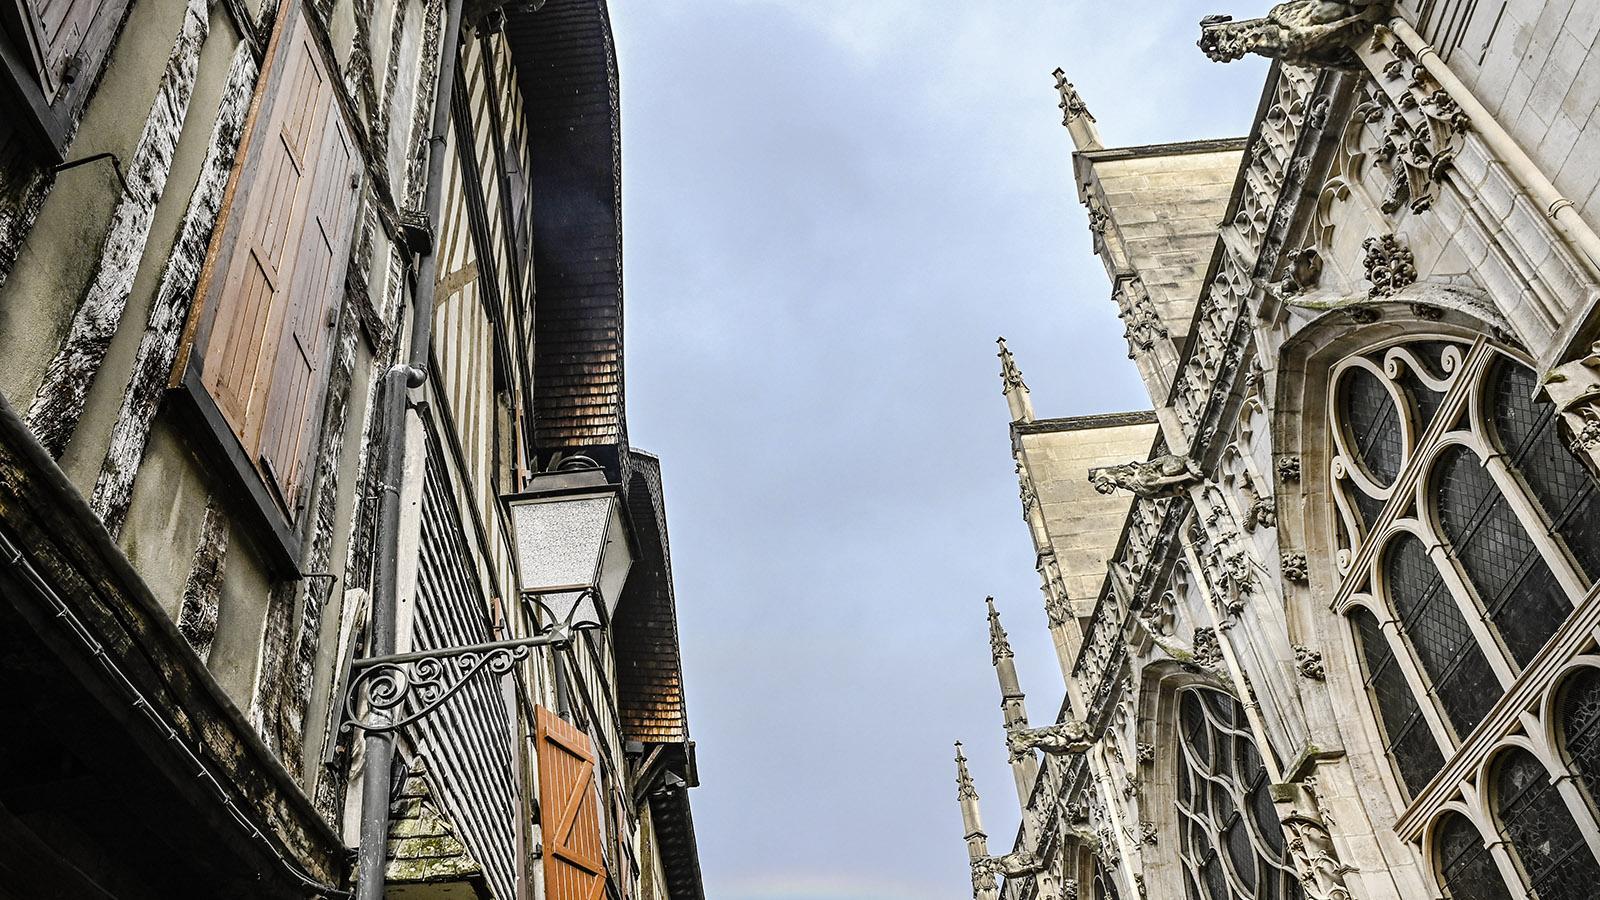 Troyes : Rue des Chats. Foto: Hilke Maunder